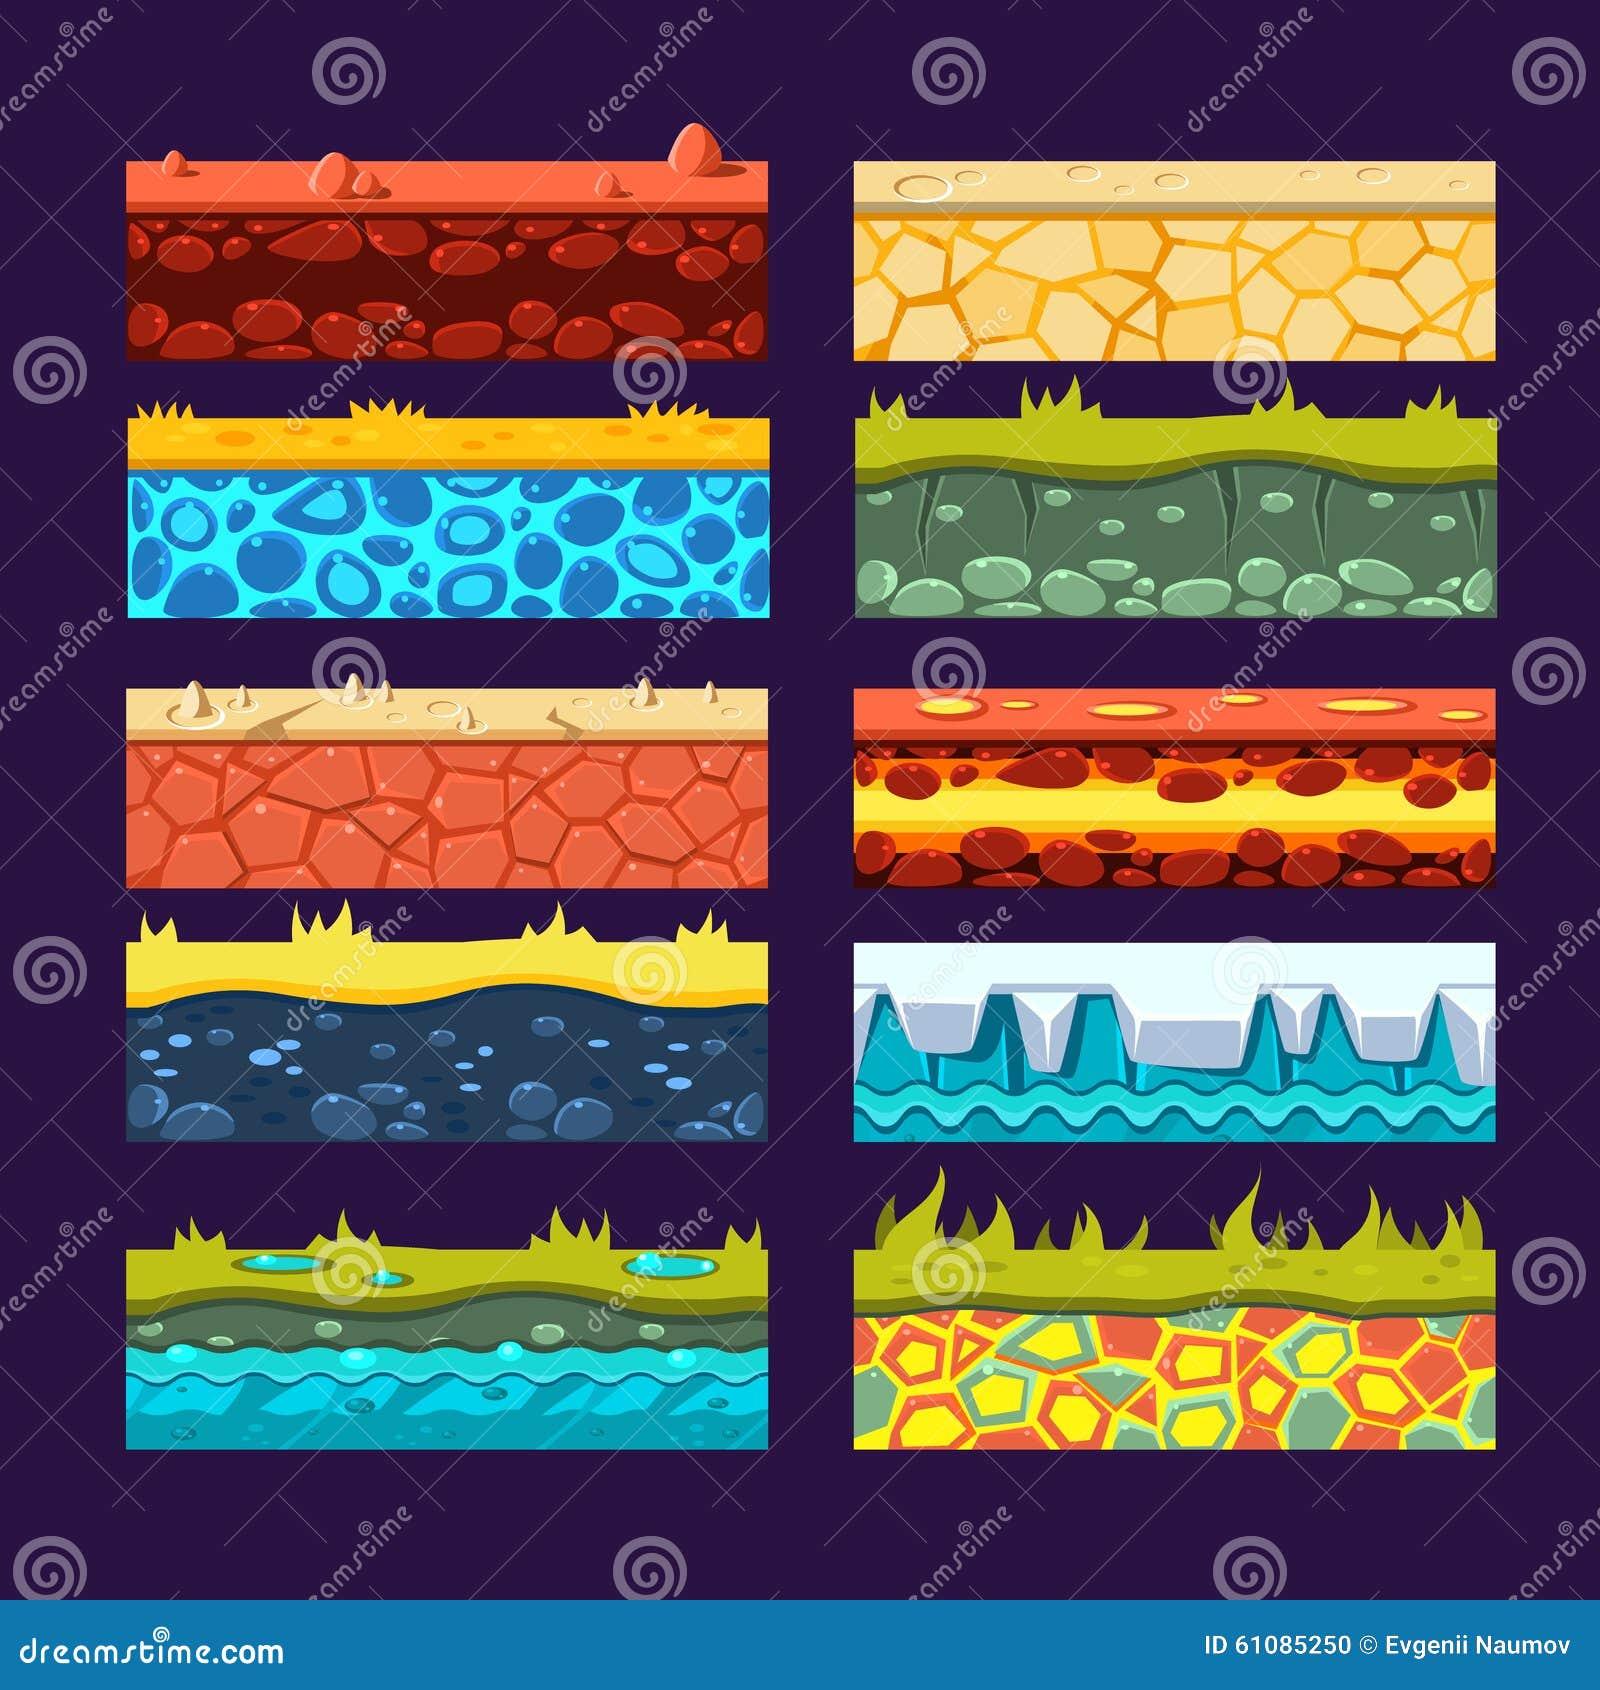 Texturas Para Jogos Plataforma, Grupo De Vetor Ilustração do Vetor - Imagem: 61085250